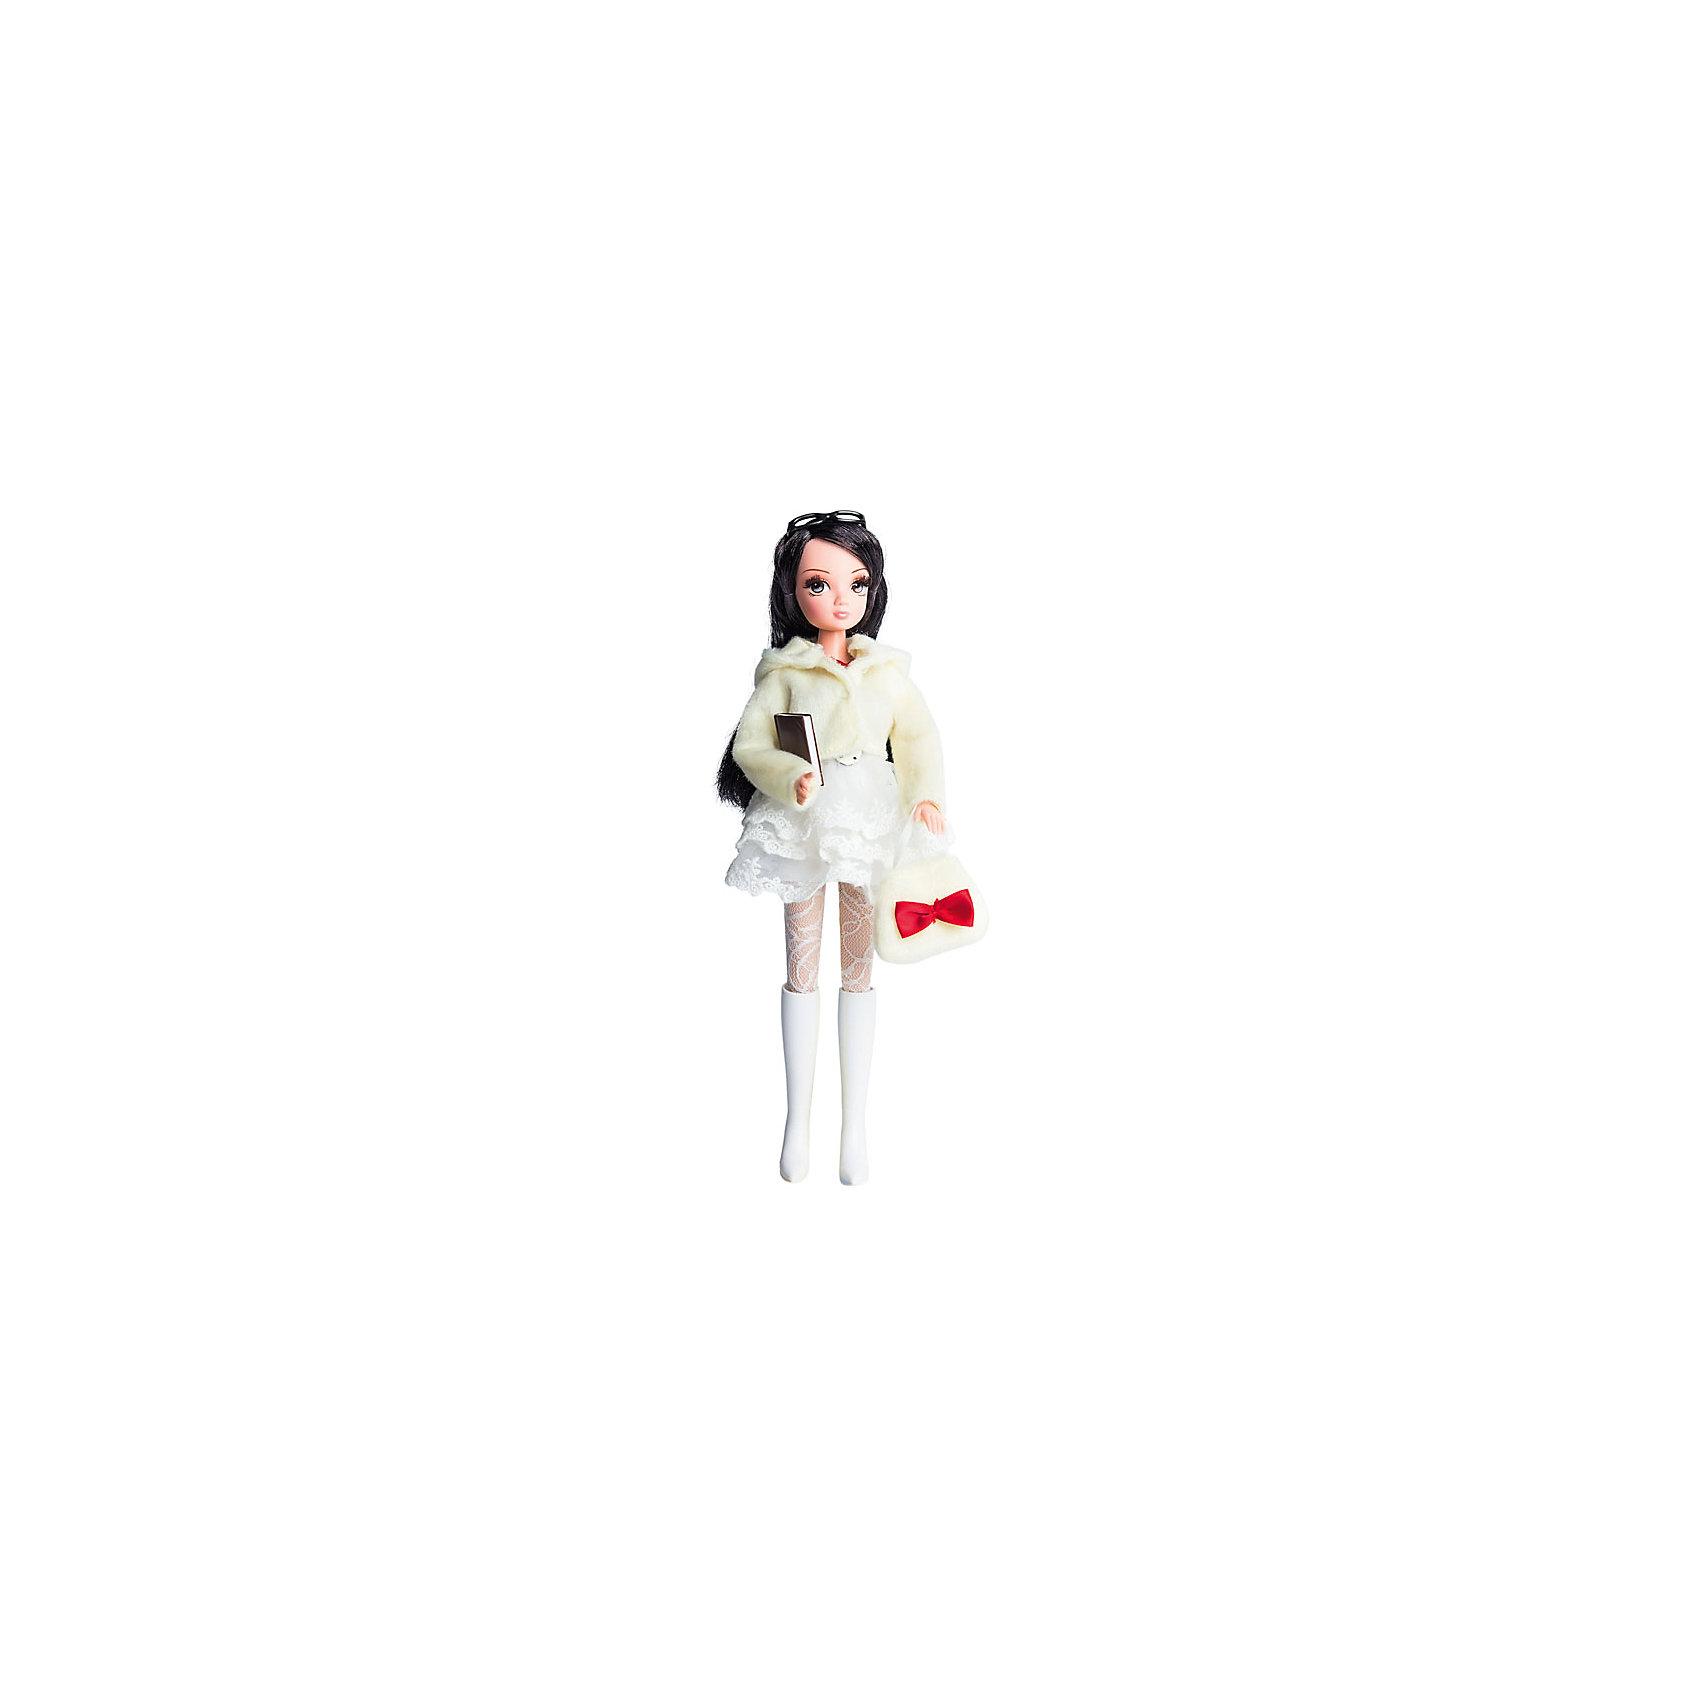 Кукла в меховой куртке, серия Daily collection, Sonya Rose<br><br>Ширина мм: 230<br>Глубина мм: 320<br>Высота мм: 70<br>Вес г: 352<br>Возраст от месяцев: 36<br>Возраст до месяцев: 2147483647<br>Пол: Женский<br>Возраст: Детский<br>SKU: 5079159